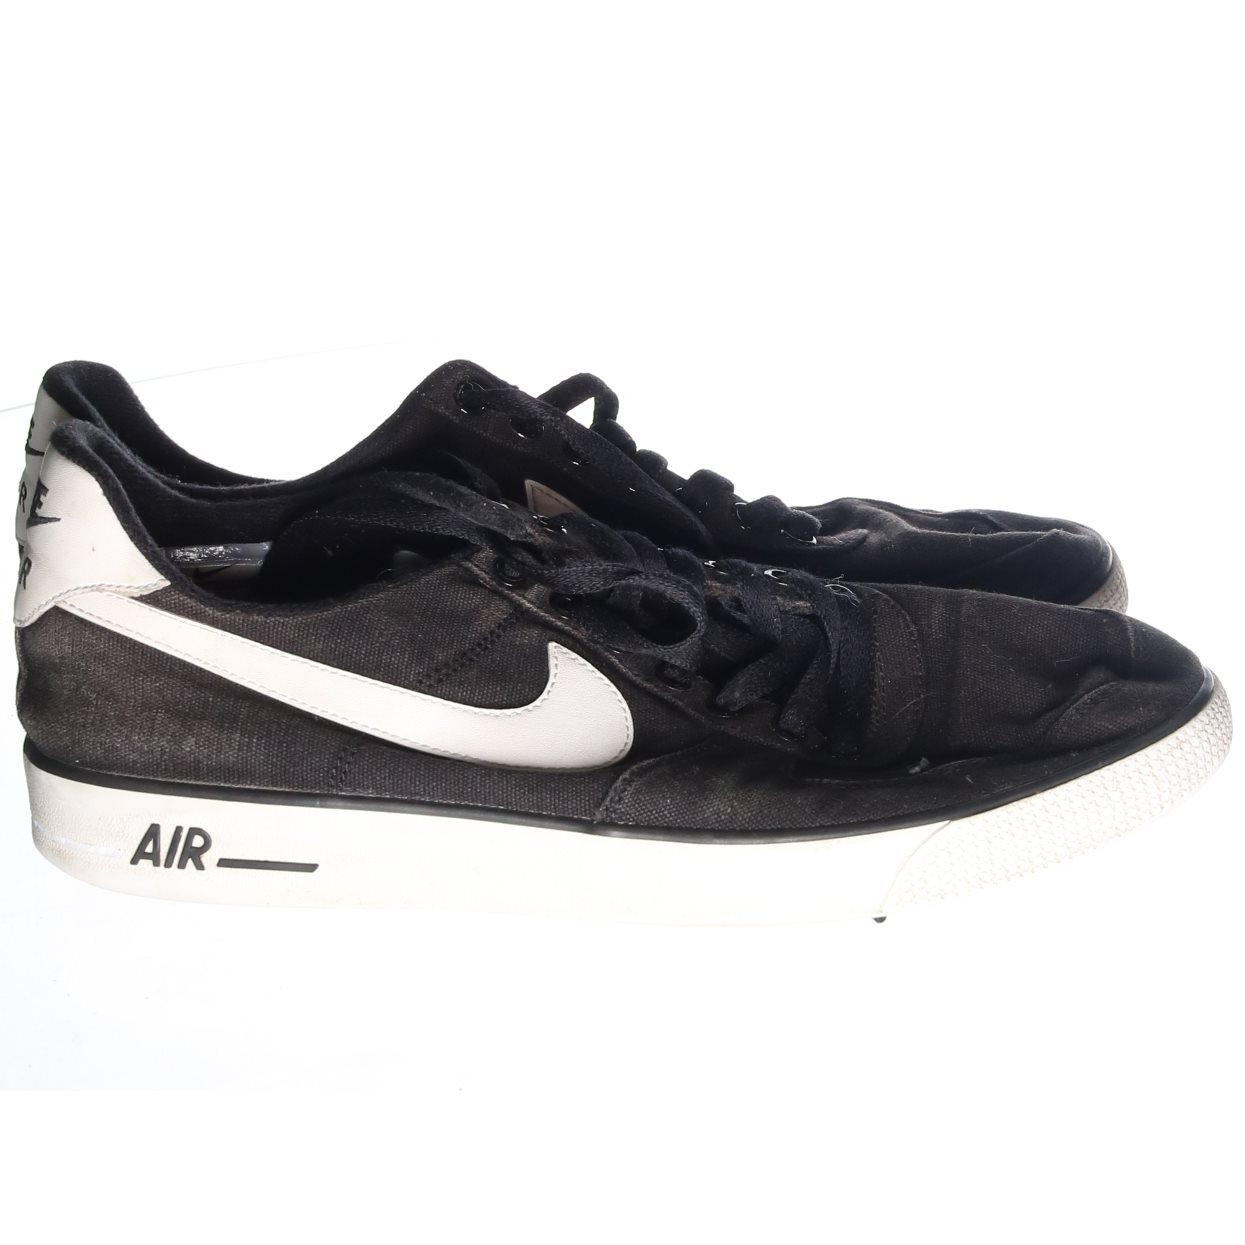 the latest db4f3 a2034 Nike, Sneakers, Strl  44.5, AIR, Svart Vit